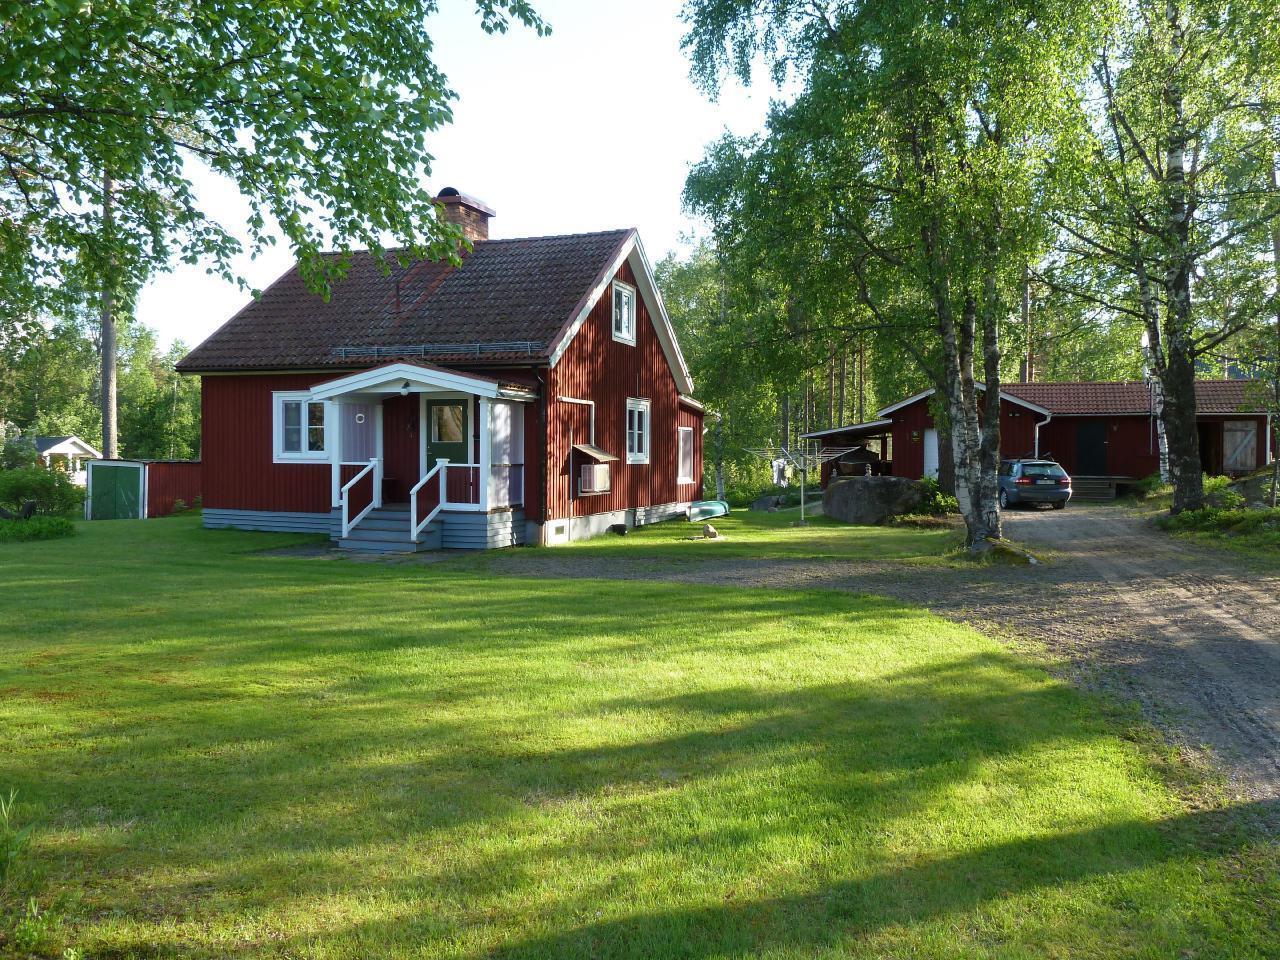 Schönes Ferienhaus in Uvanå Värmland Schweden Erholung Angeln Jagen Wandern